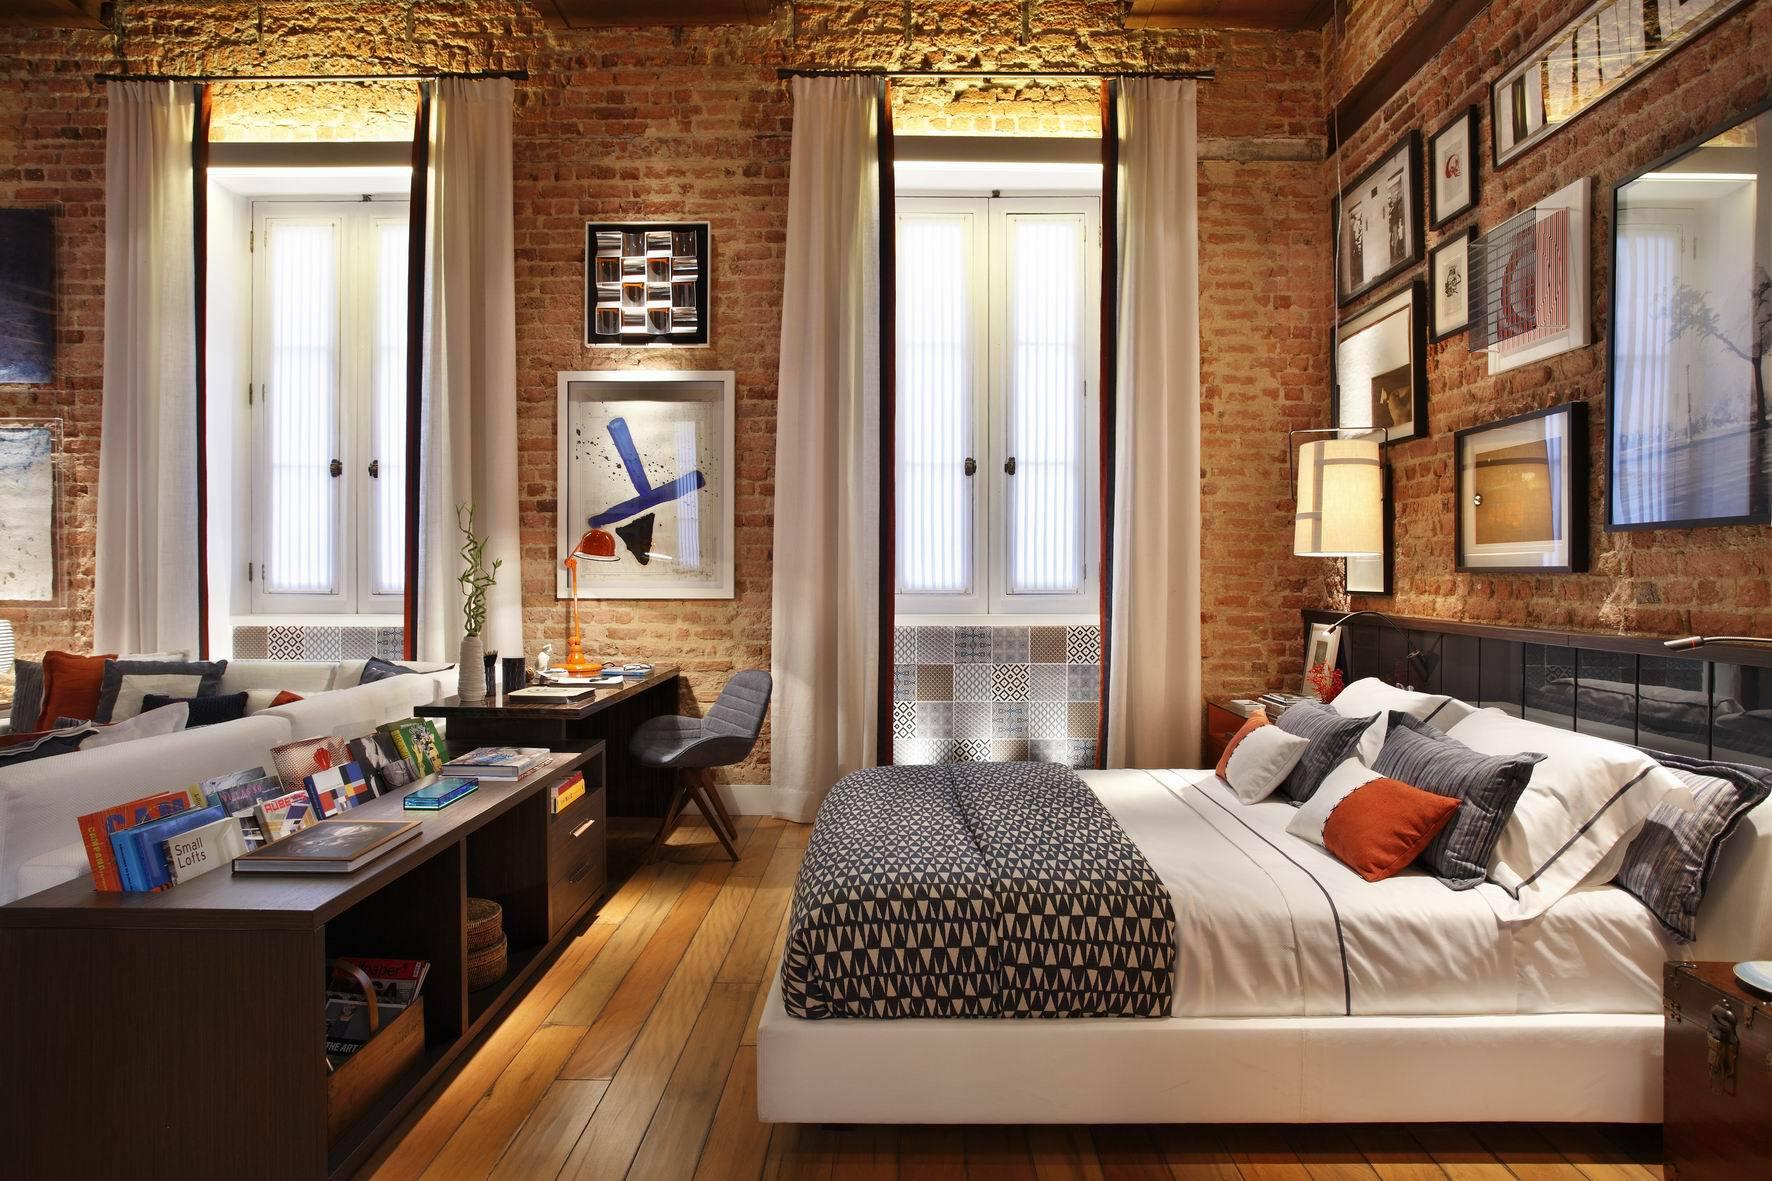 Над каждым спальным местом рекомендуется устанавливать автономные источники света